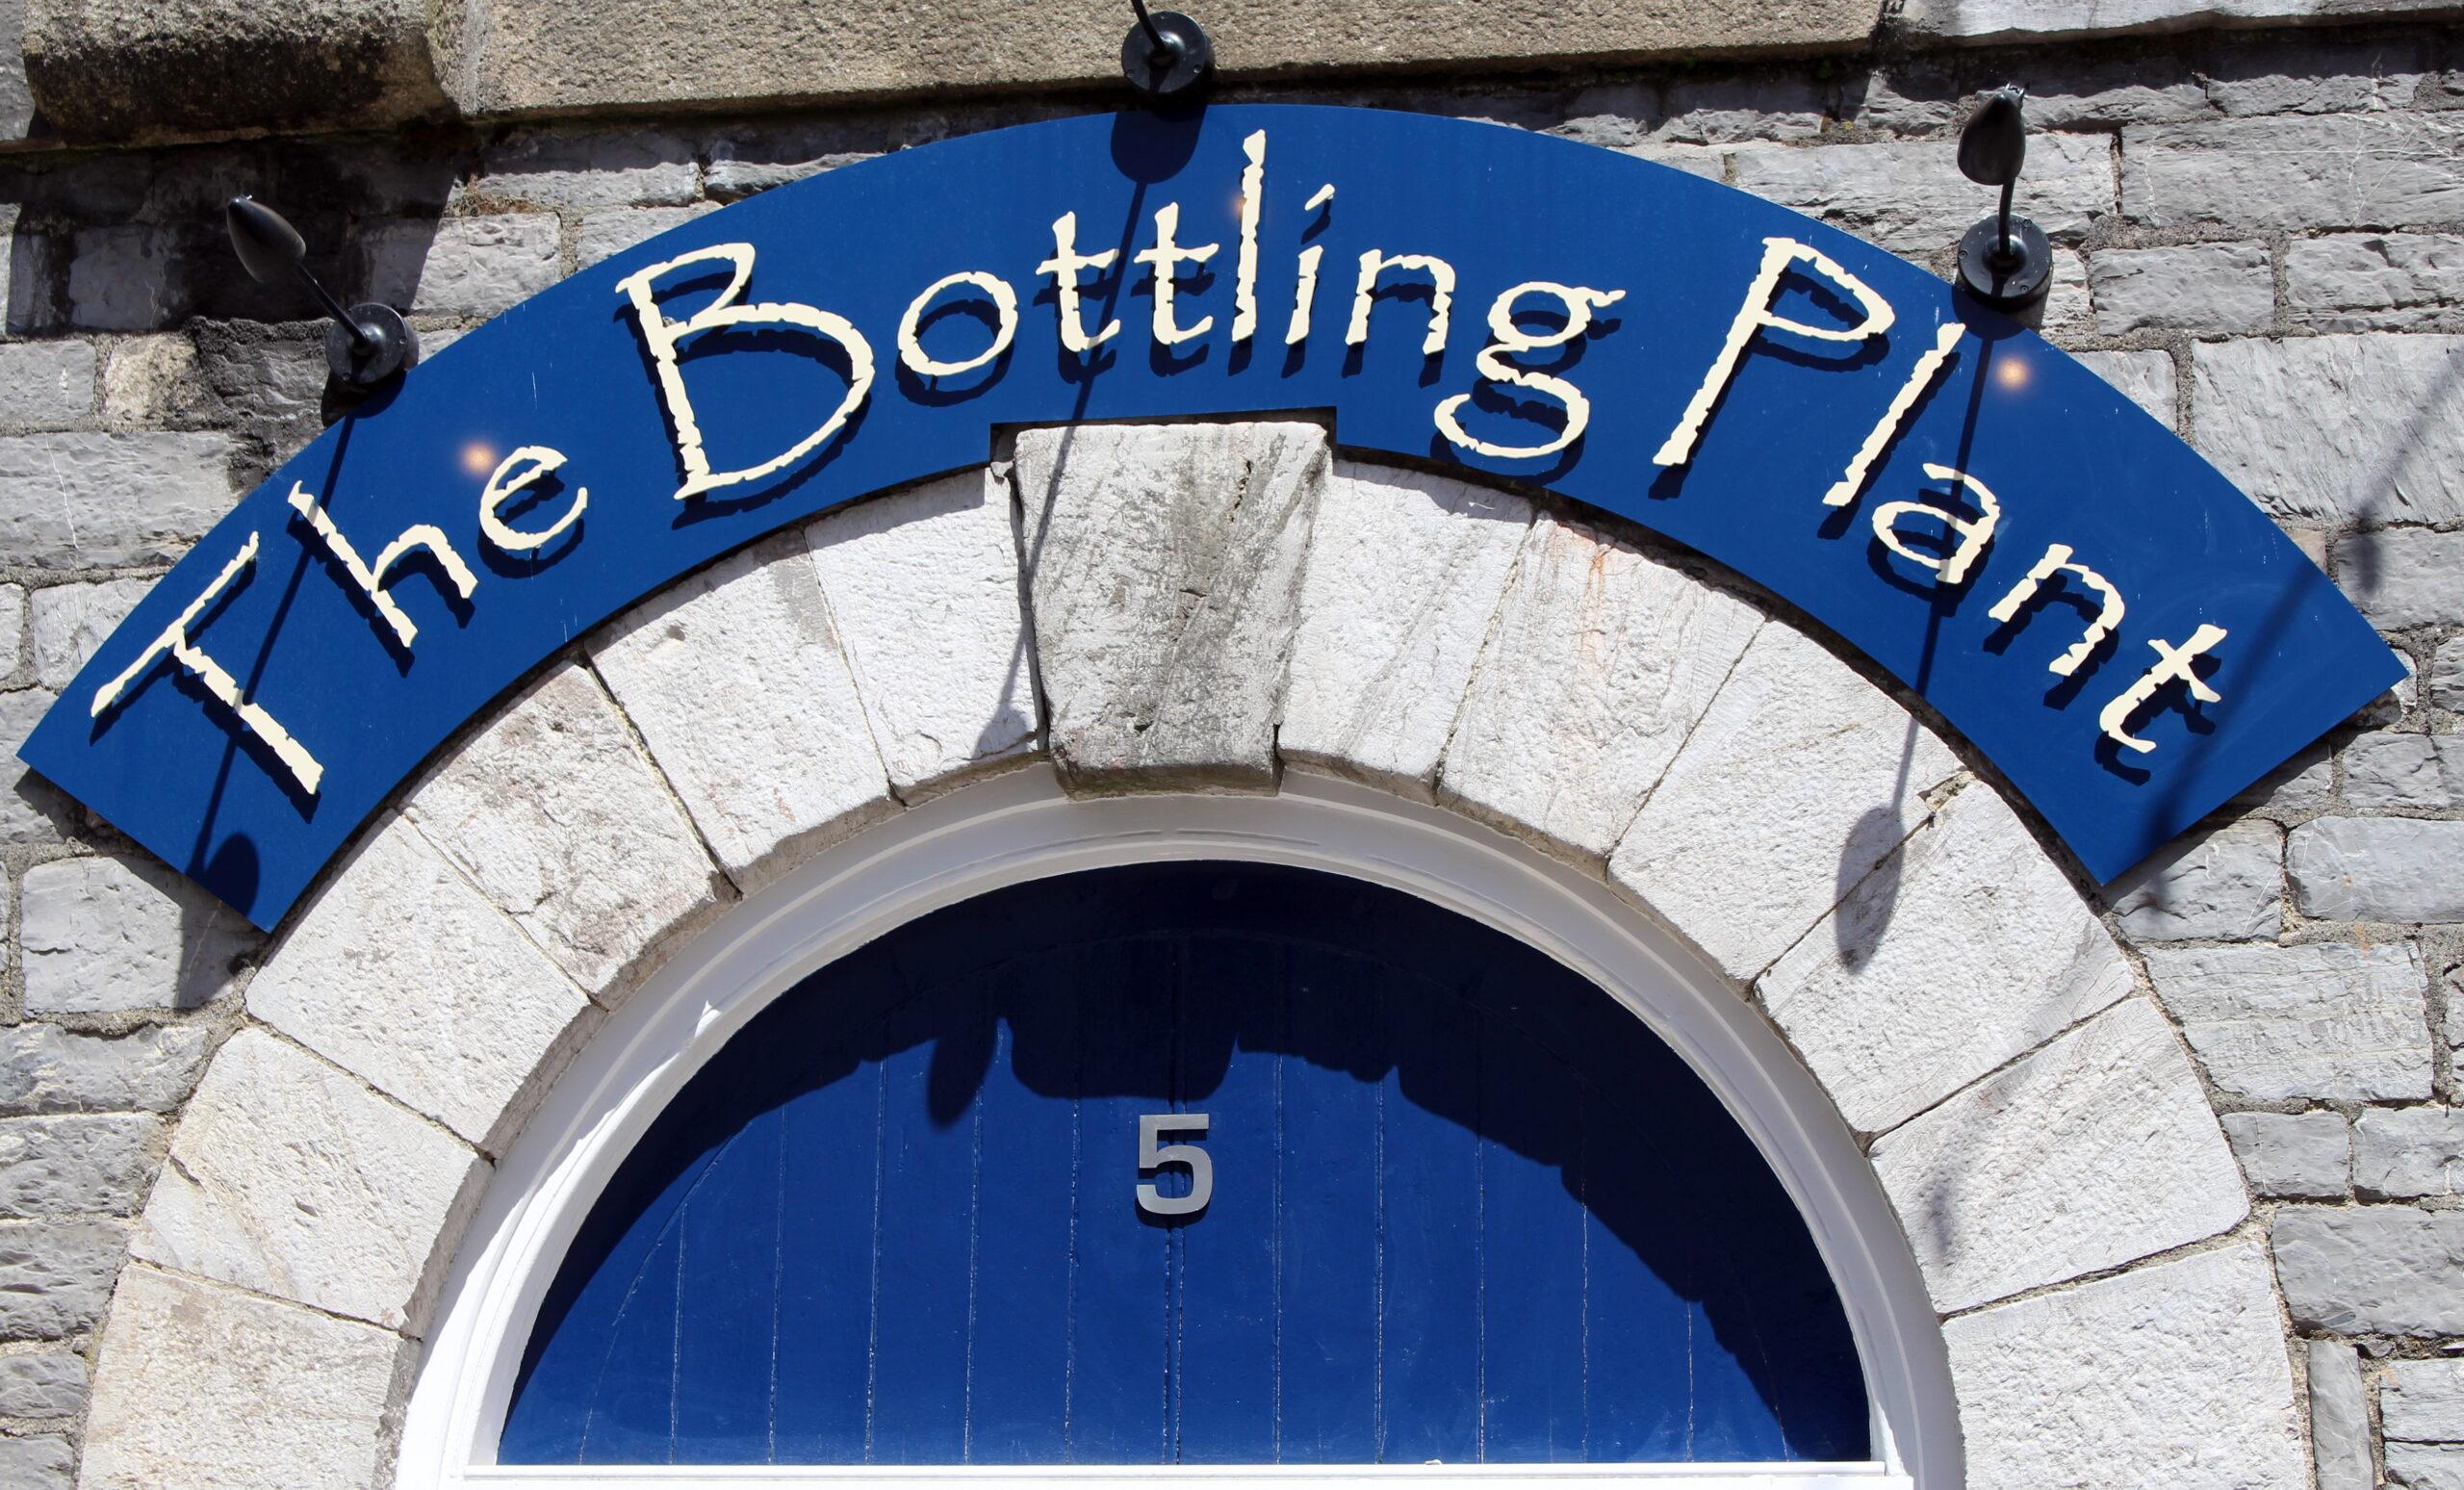 The Bottling Plant Front Sign